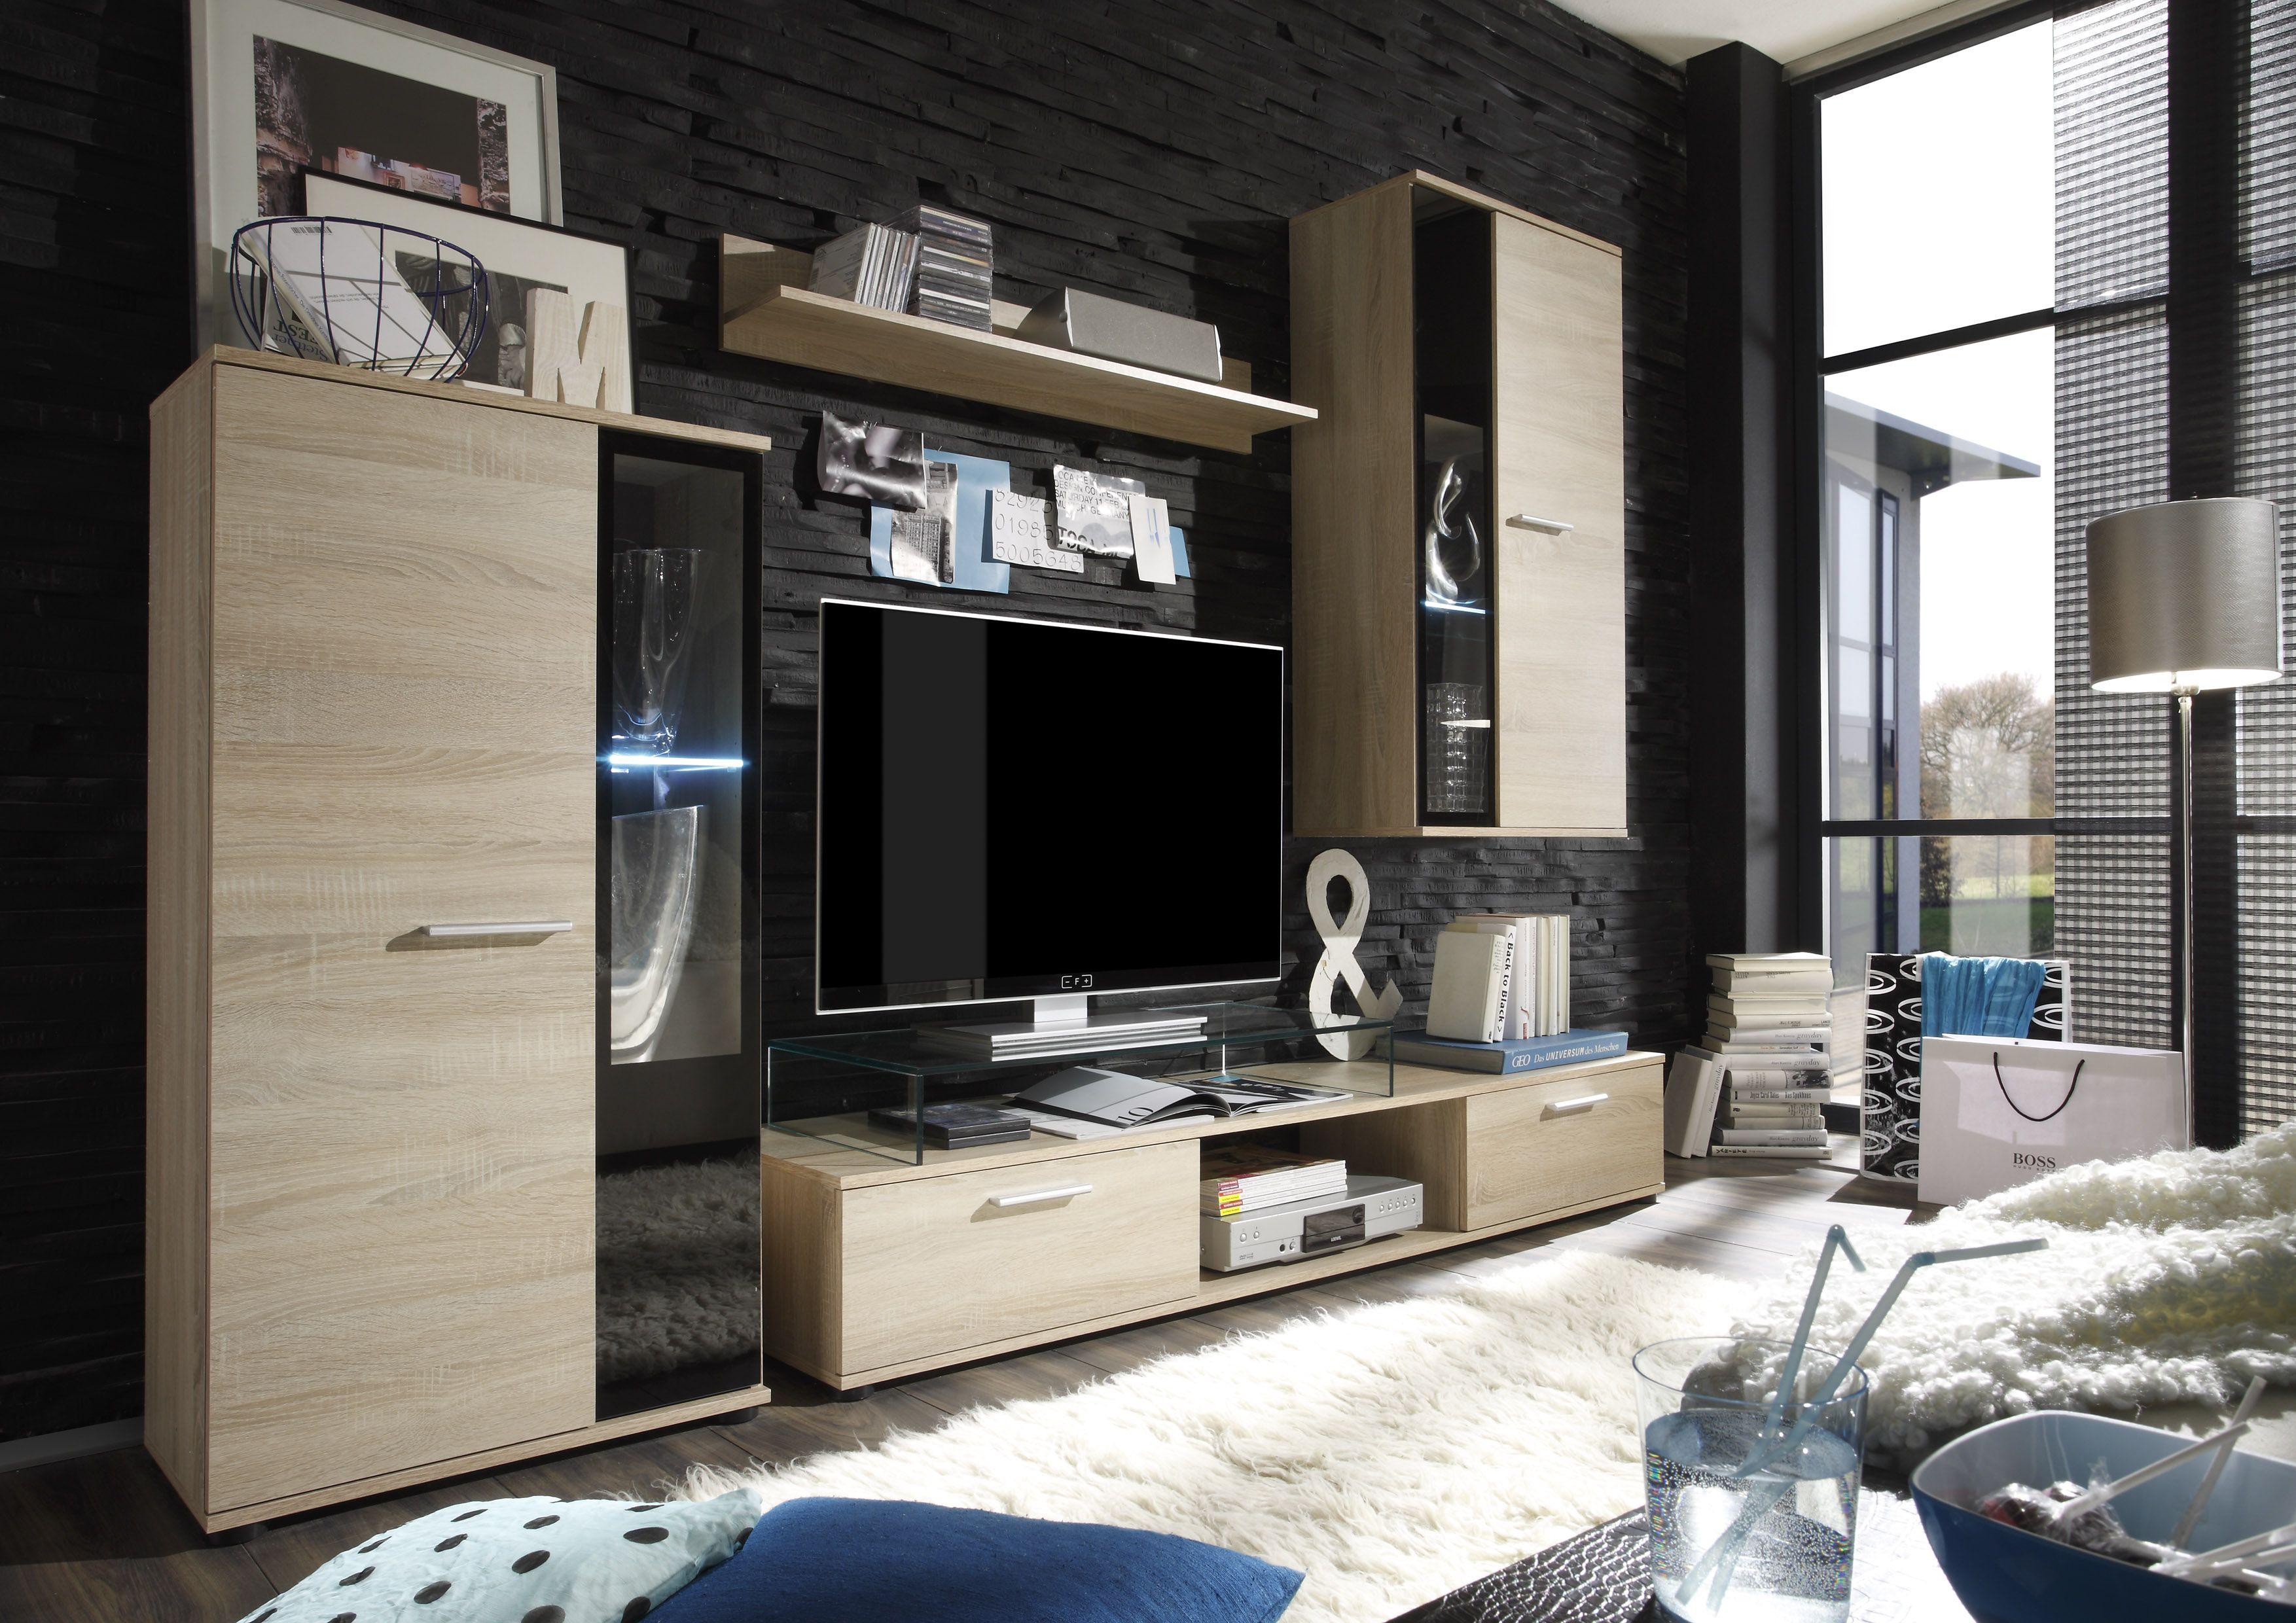 Wohnzimmer esszimmer ~ Wohnzimmer und esszimmer mit dem kamin trennen new house